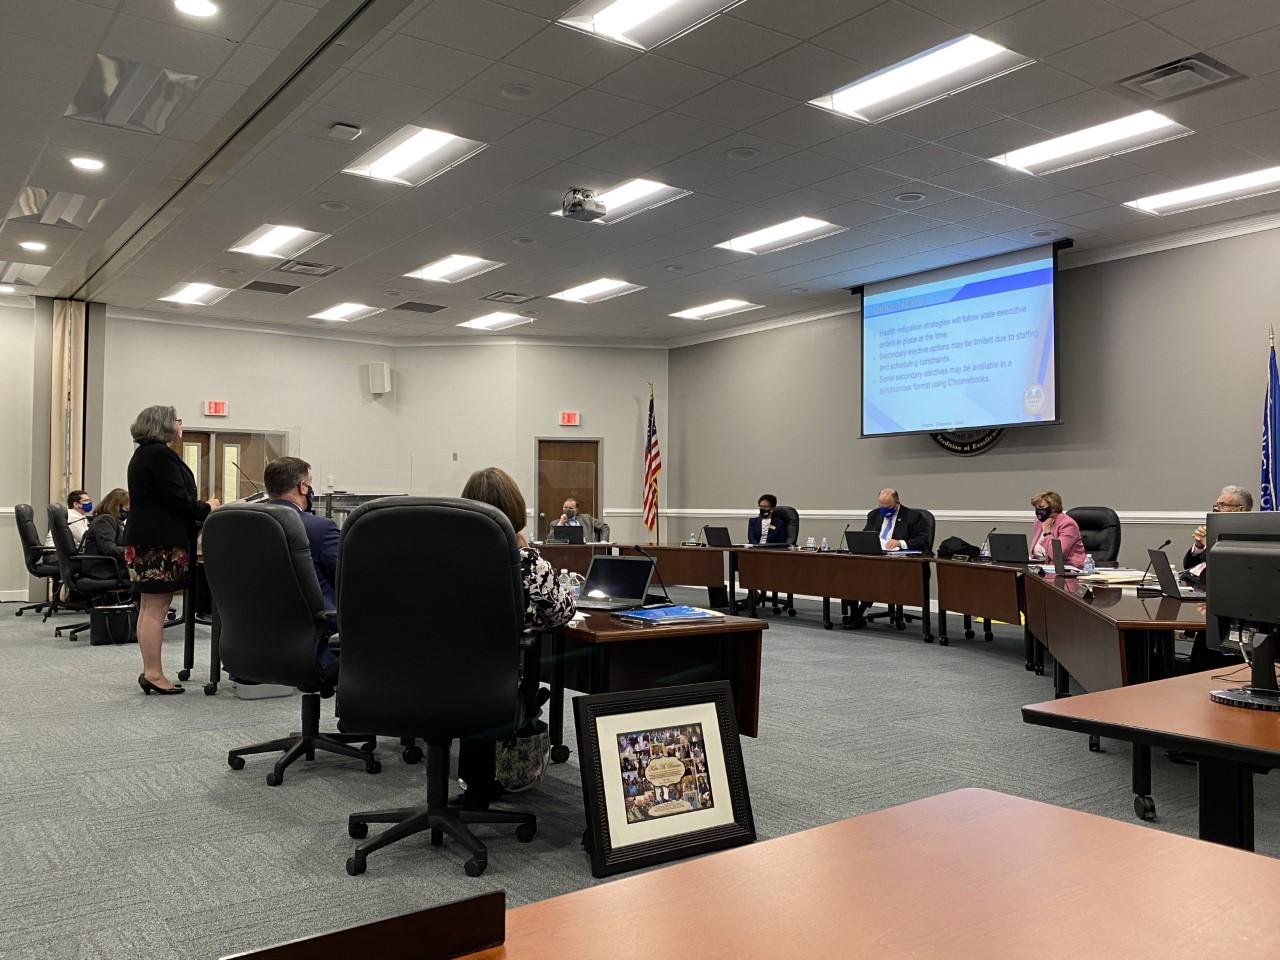 Hanover County School Board meeting Jennifer Greif speaks